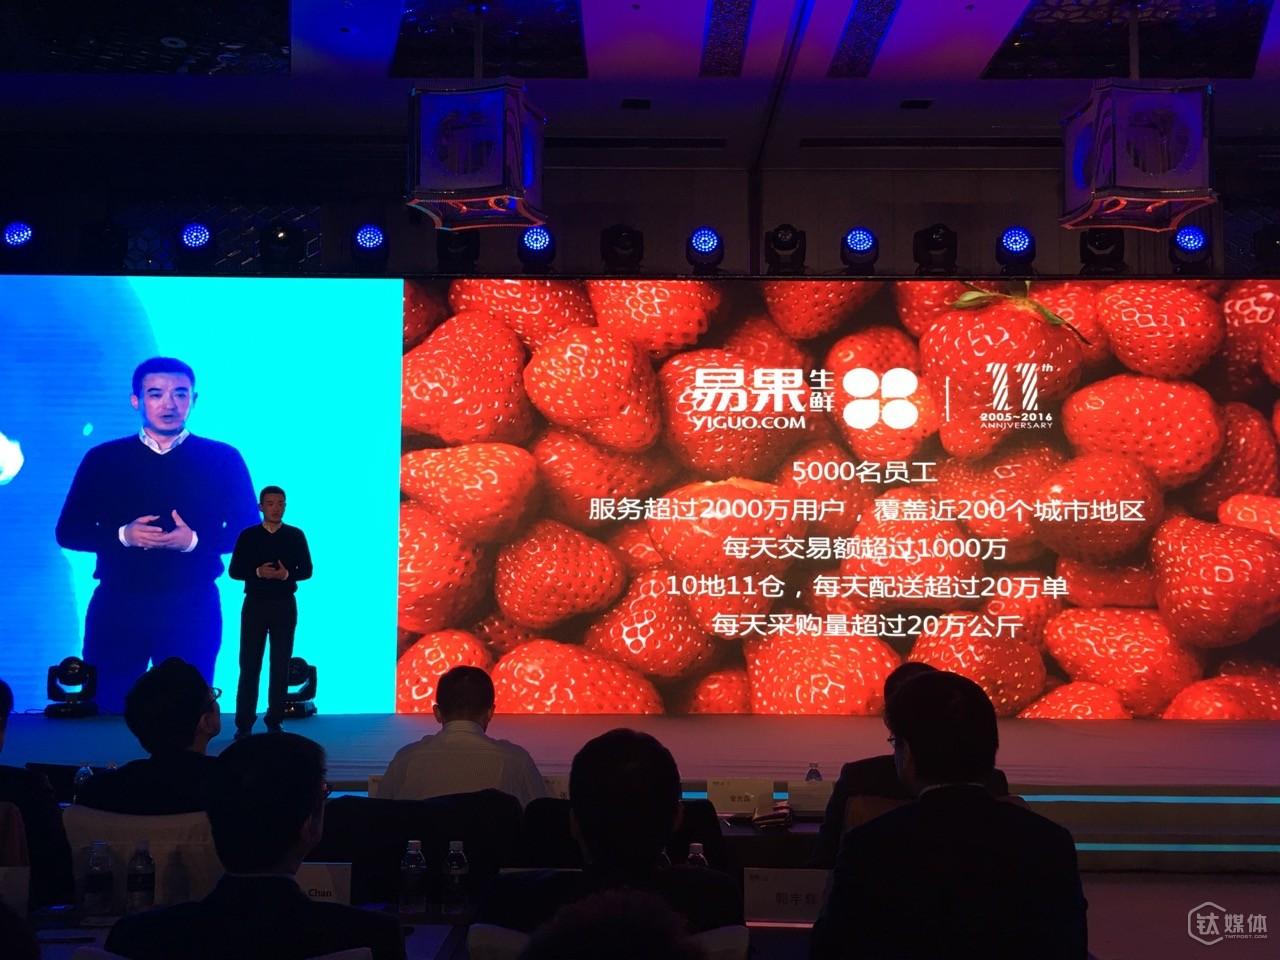 易果生鲜创始人张晔宣布获得 C+轮融资。